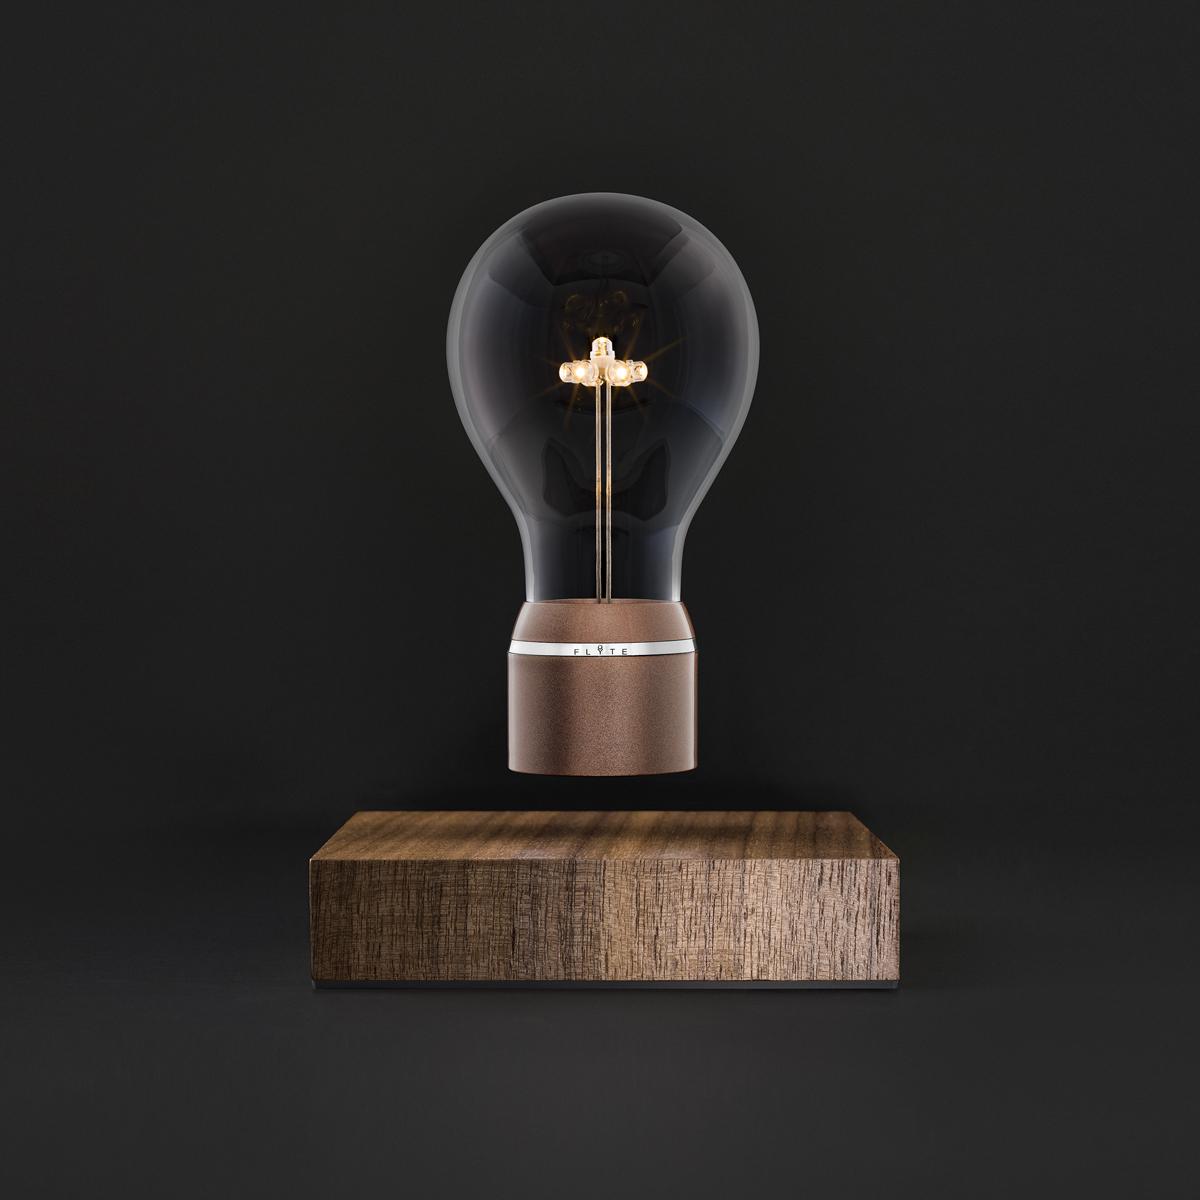 磁力で宙に浮くLED電球(Buckminster) | FLYTE